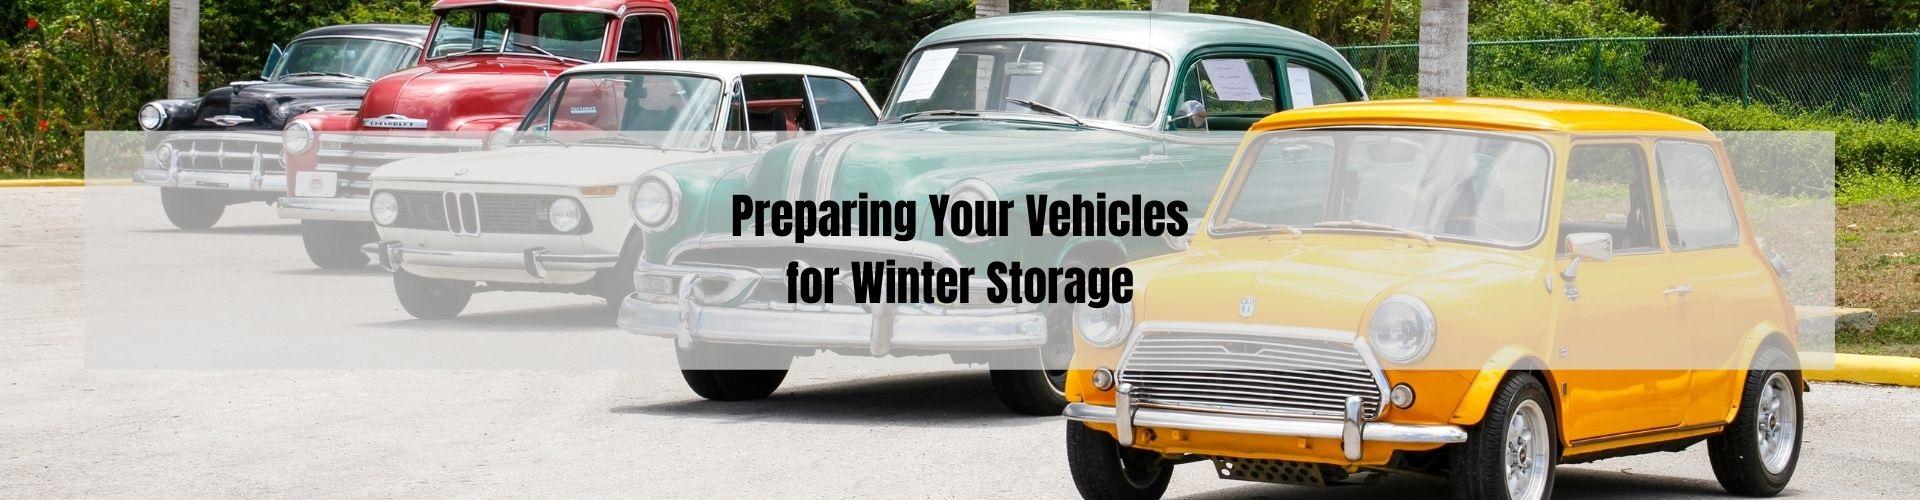 winter vehicle storage Phoenixville PA